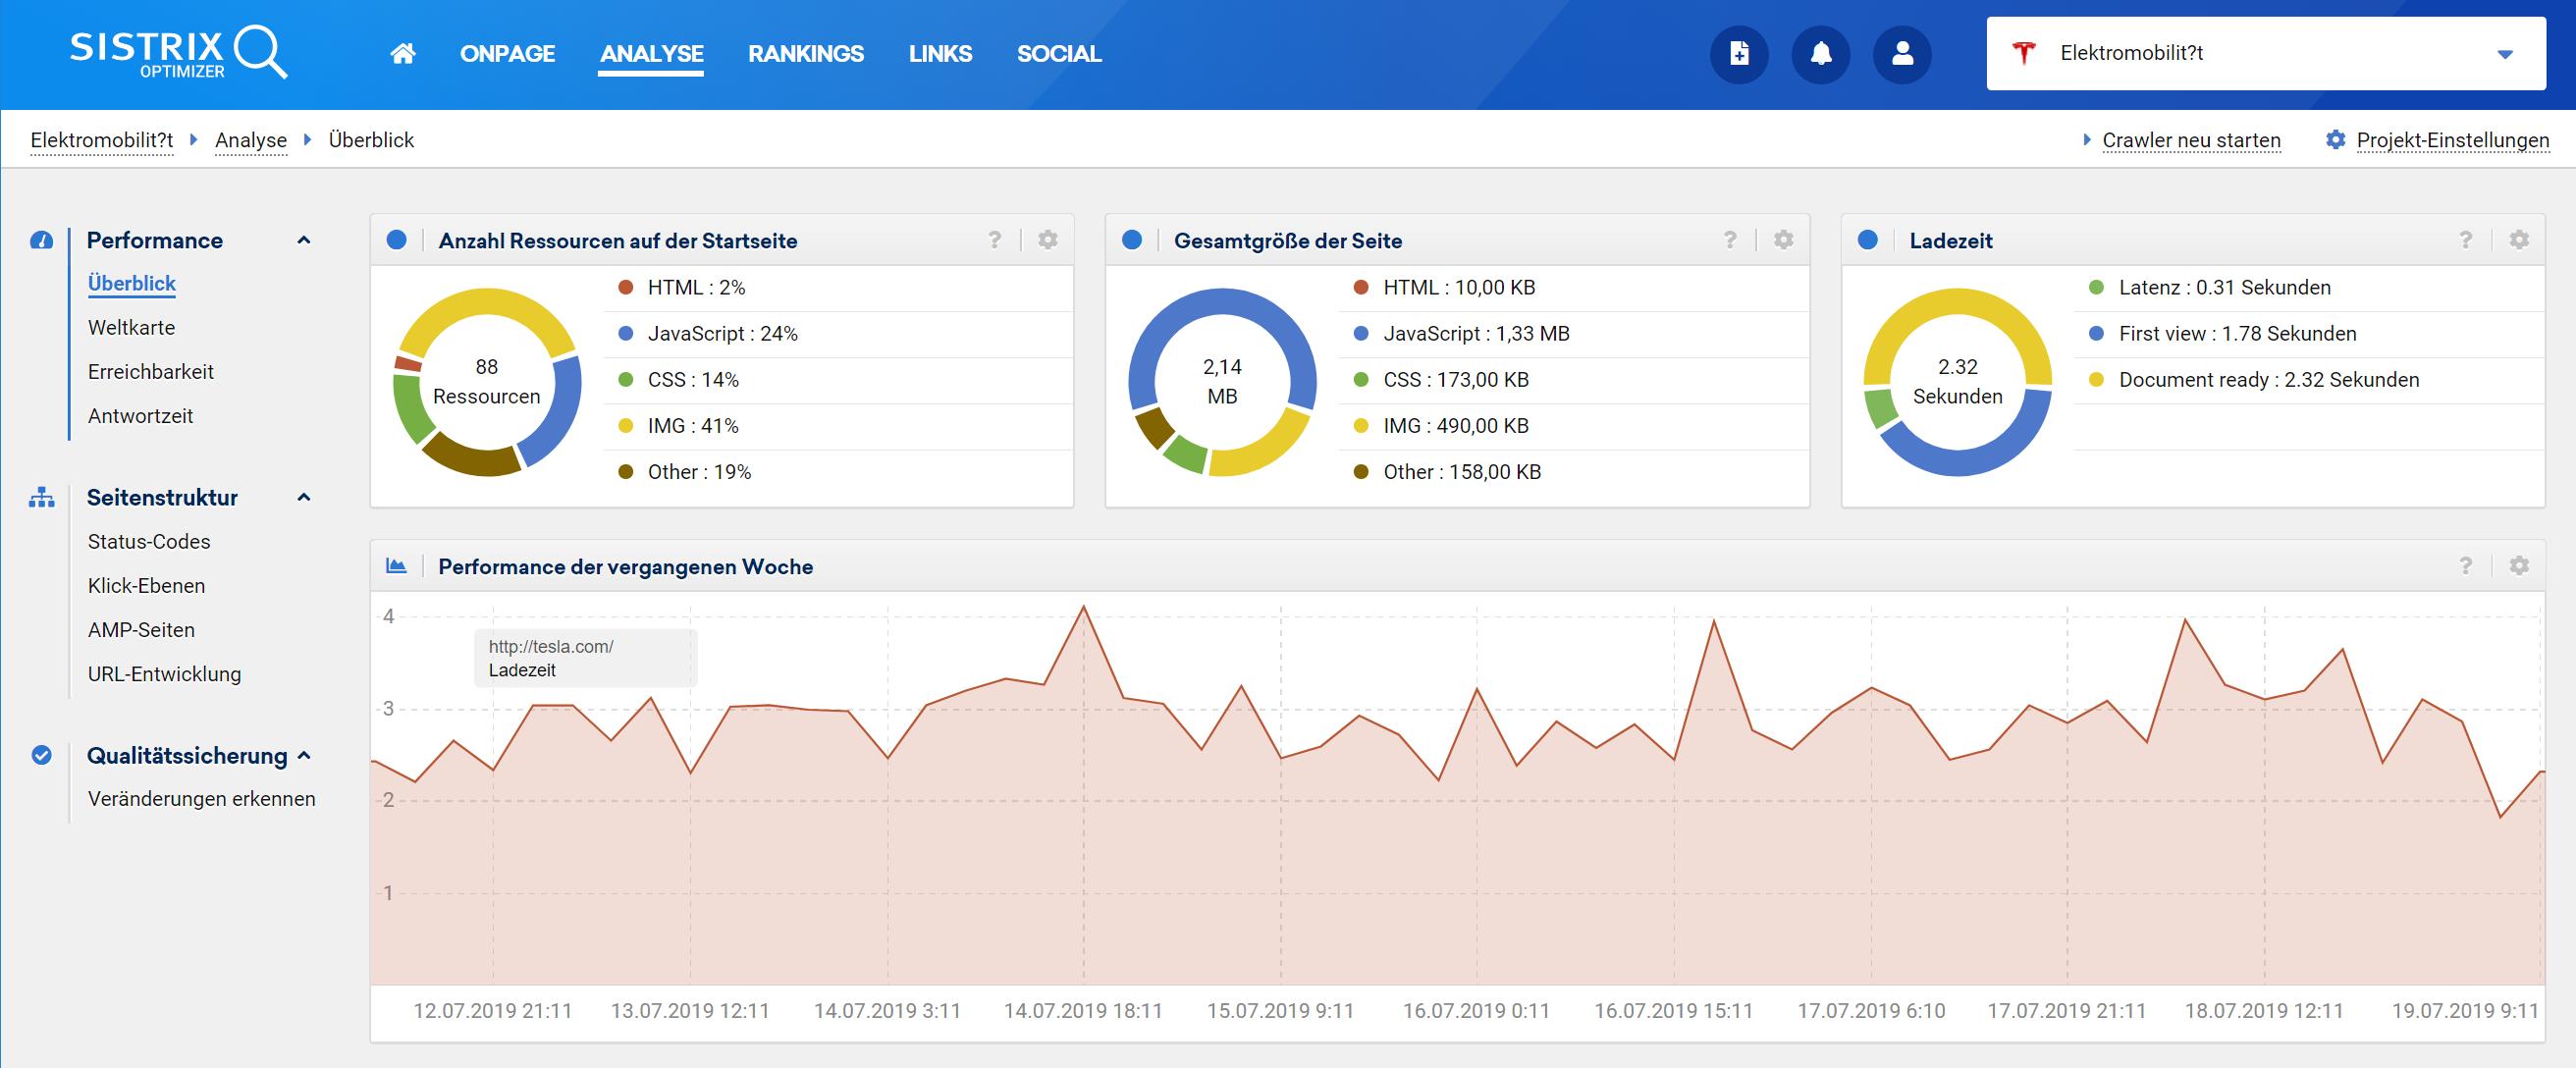 Auszug aus einem Projekt im SISTRIX Optimizer. Zu sehen ist der Performance Überblick, in dem die Startseite der Domain aufgeschlüsselt wurde und die Ladezeit der letzten Woche im Verlauf zu sehen ist.